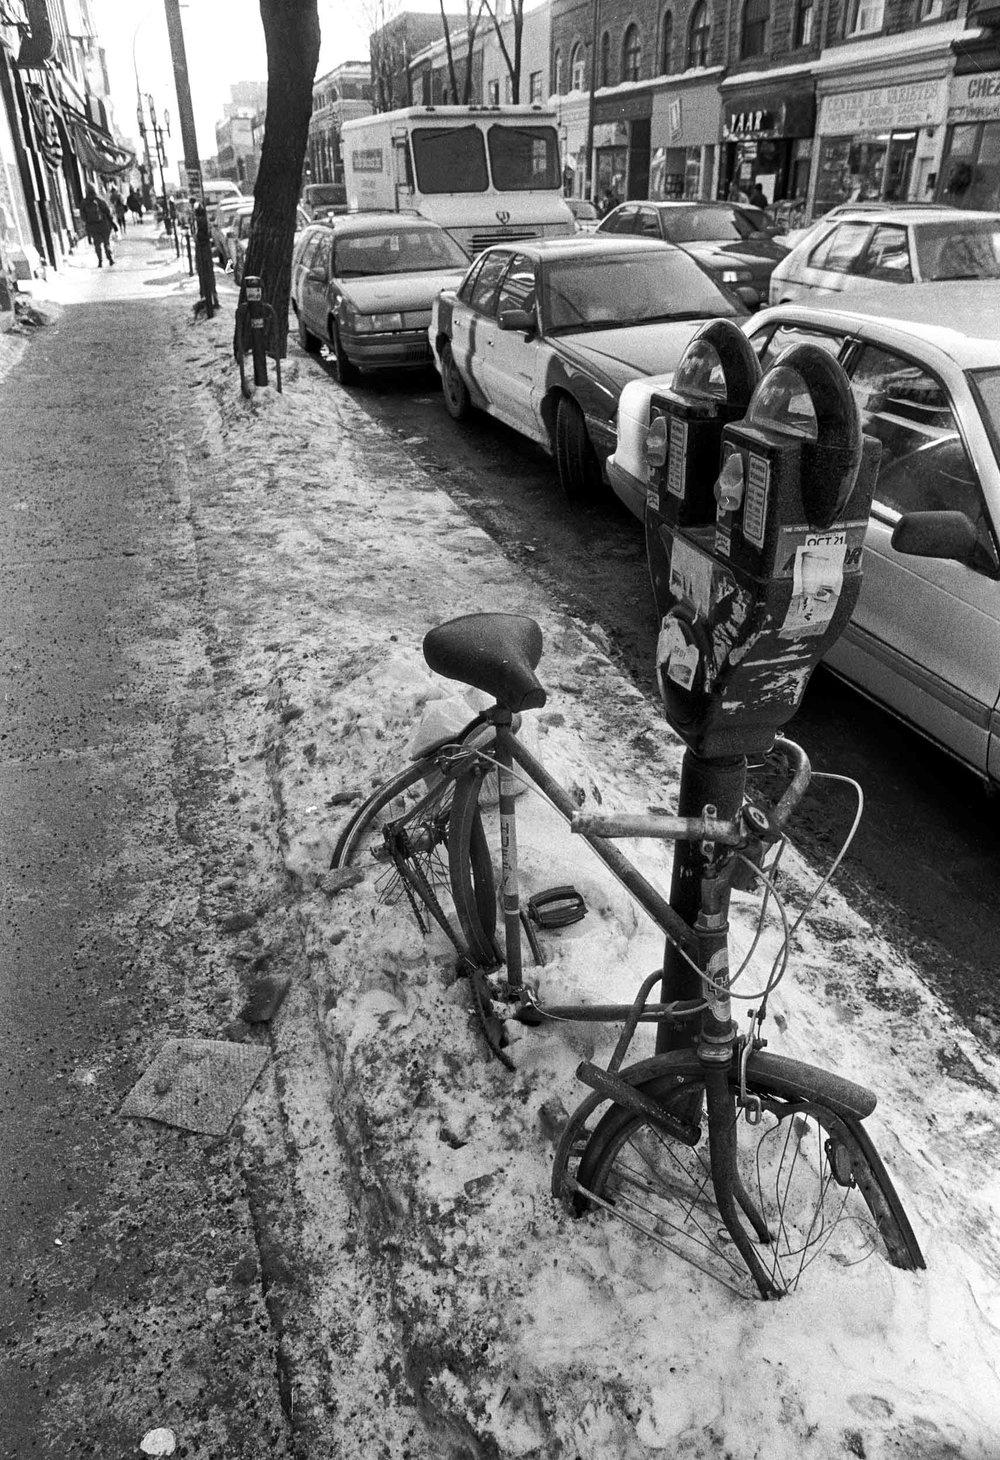 bicycle-96.JPG